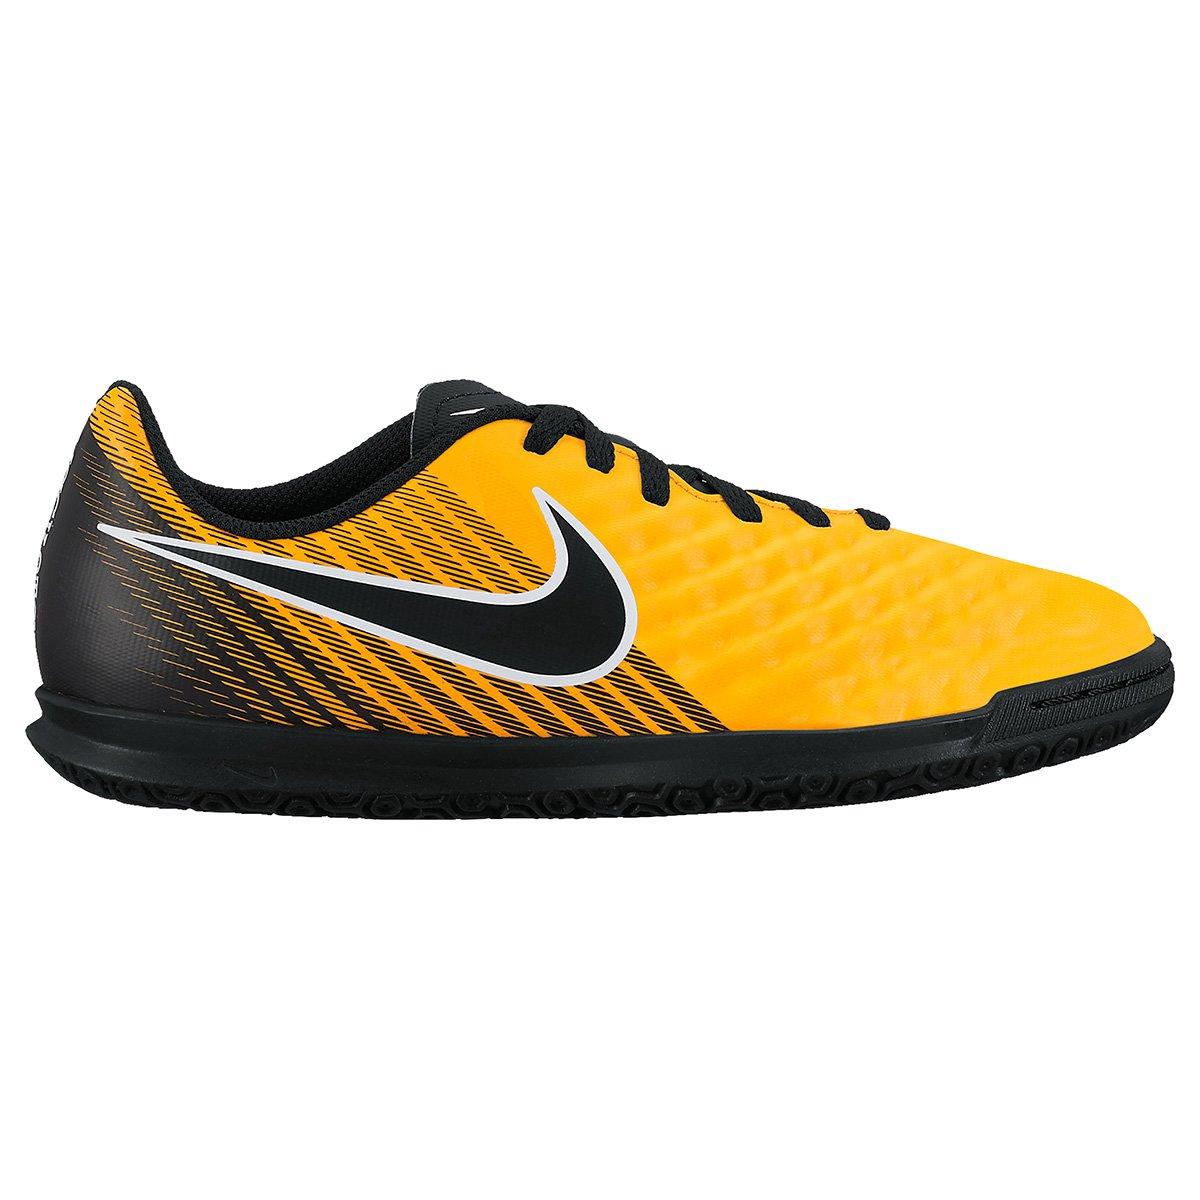 b6e707dca6 Chuteira Futsal Infantil Nike Magista Ola II IC - Compre Agora ...